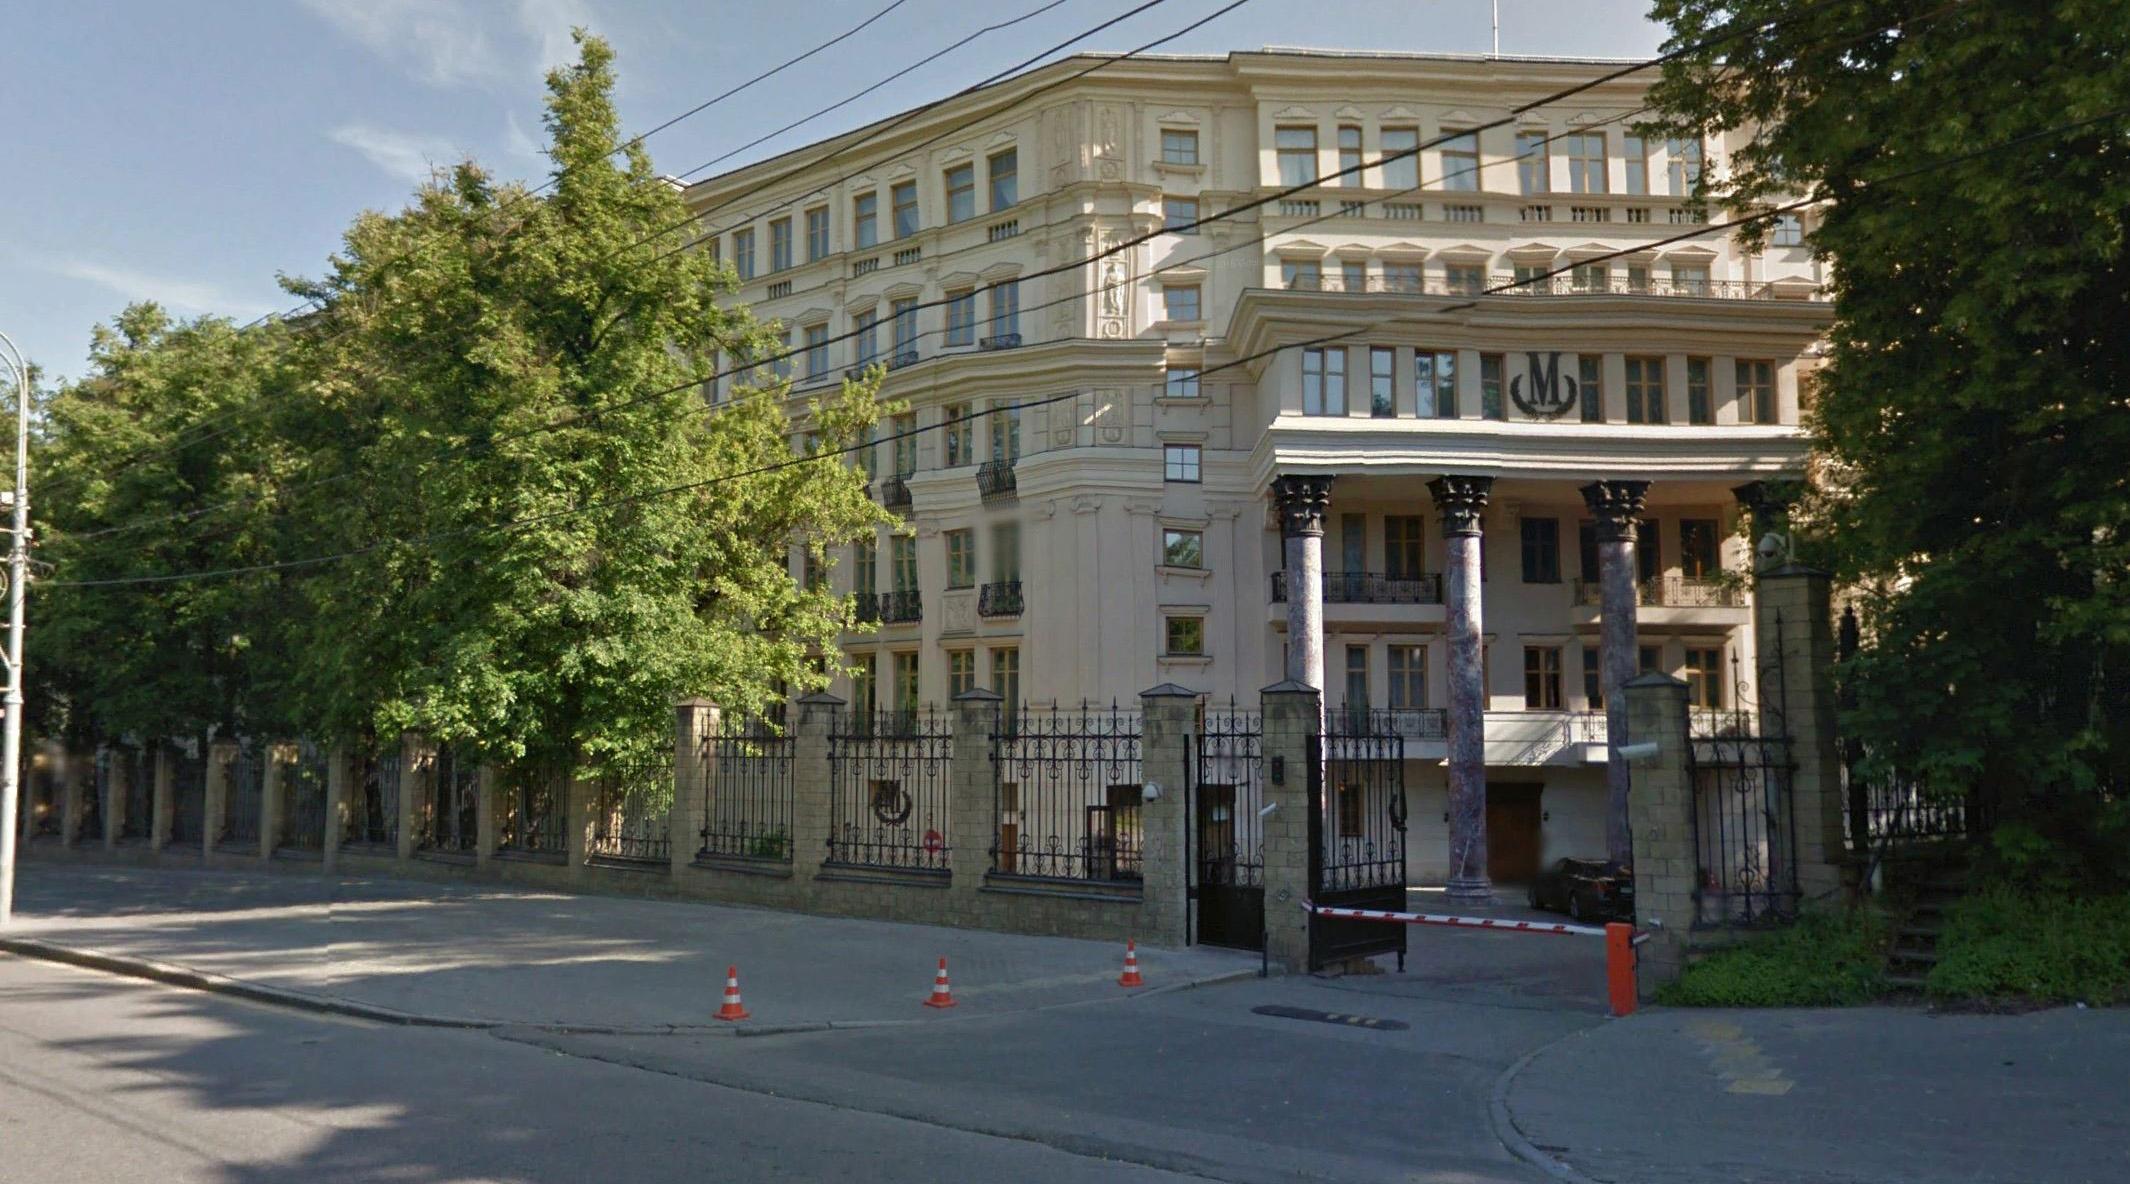 Stambeni blok Kosigina, Moskva, Rusija